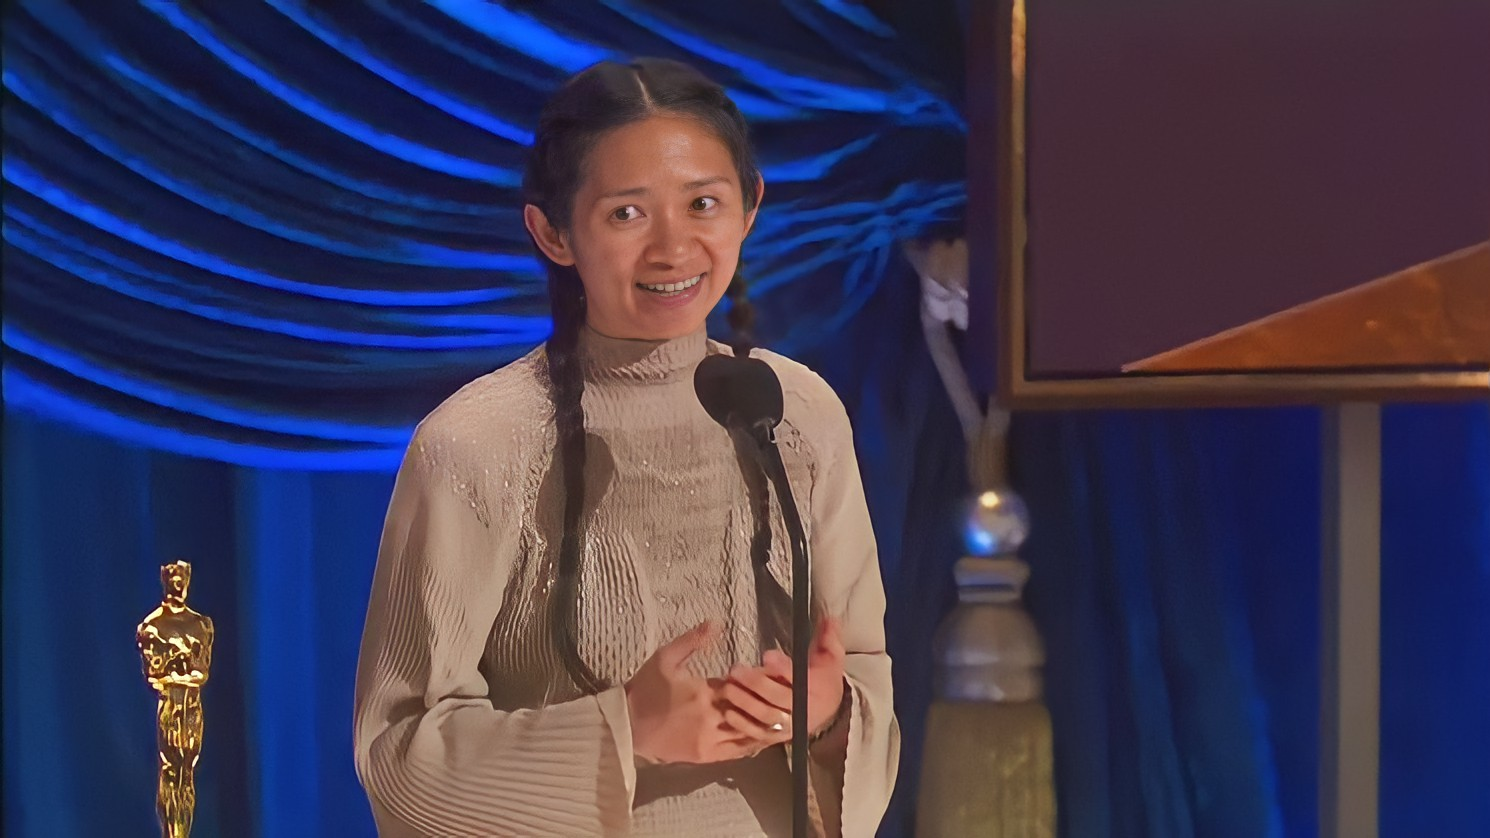 Foto de Chloé Zhao. A mulher asiática usa um vestido bege e seus cabelos pretos estão presos em duas tranças. Ela olha para a esquerda enquanto fala no microfone à sua frente. Do seu lado esquerdo, há uma estatueta. O fundo é azul, com uma tela vinho e laranja.